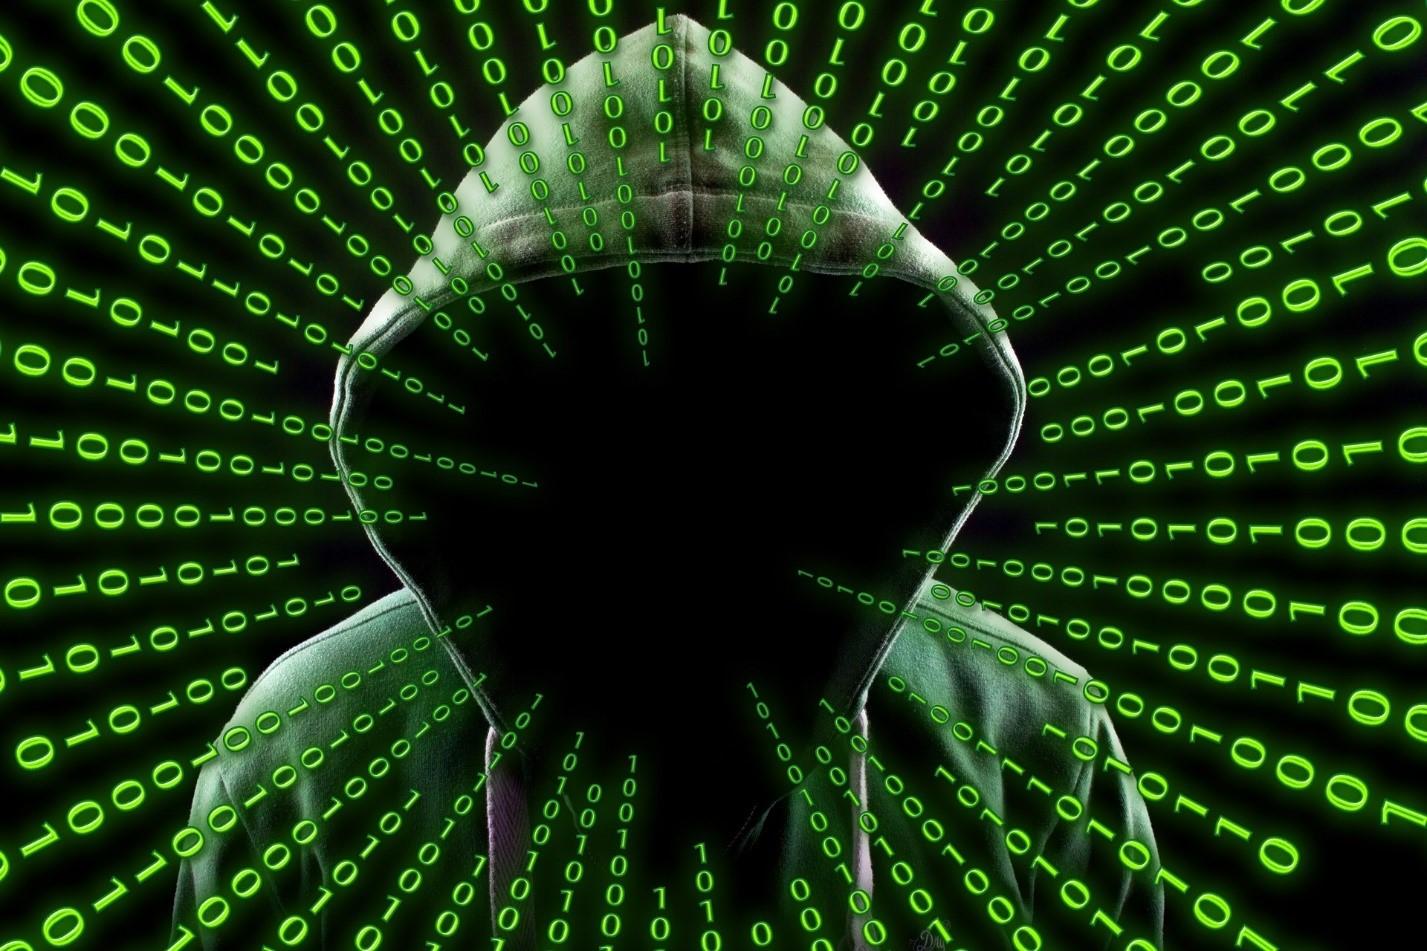 «Русский хакер» рассказал о расстановке сил в даркнете